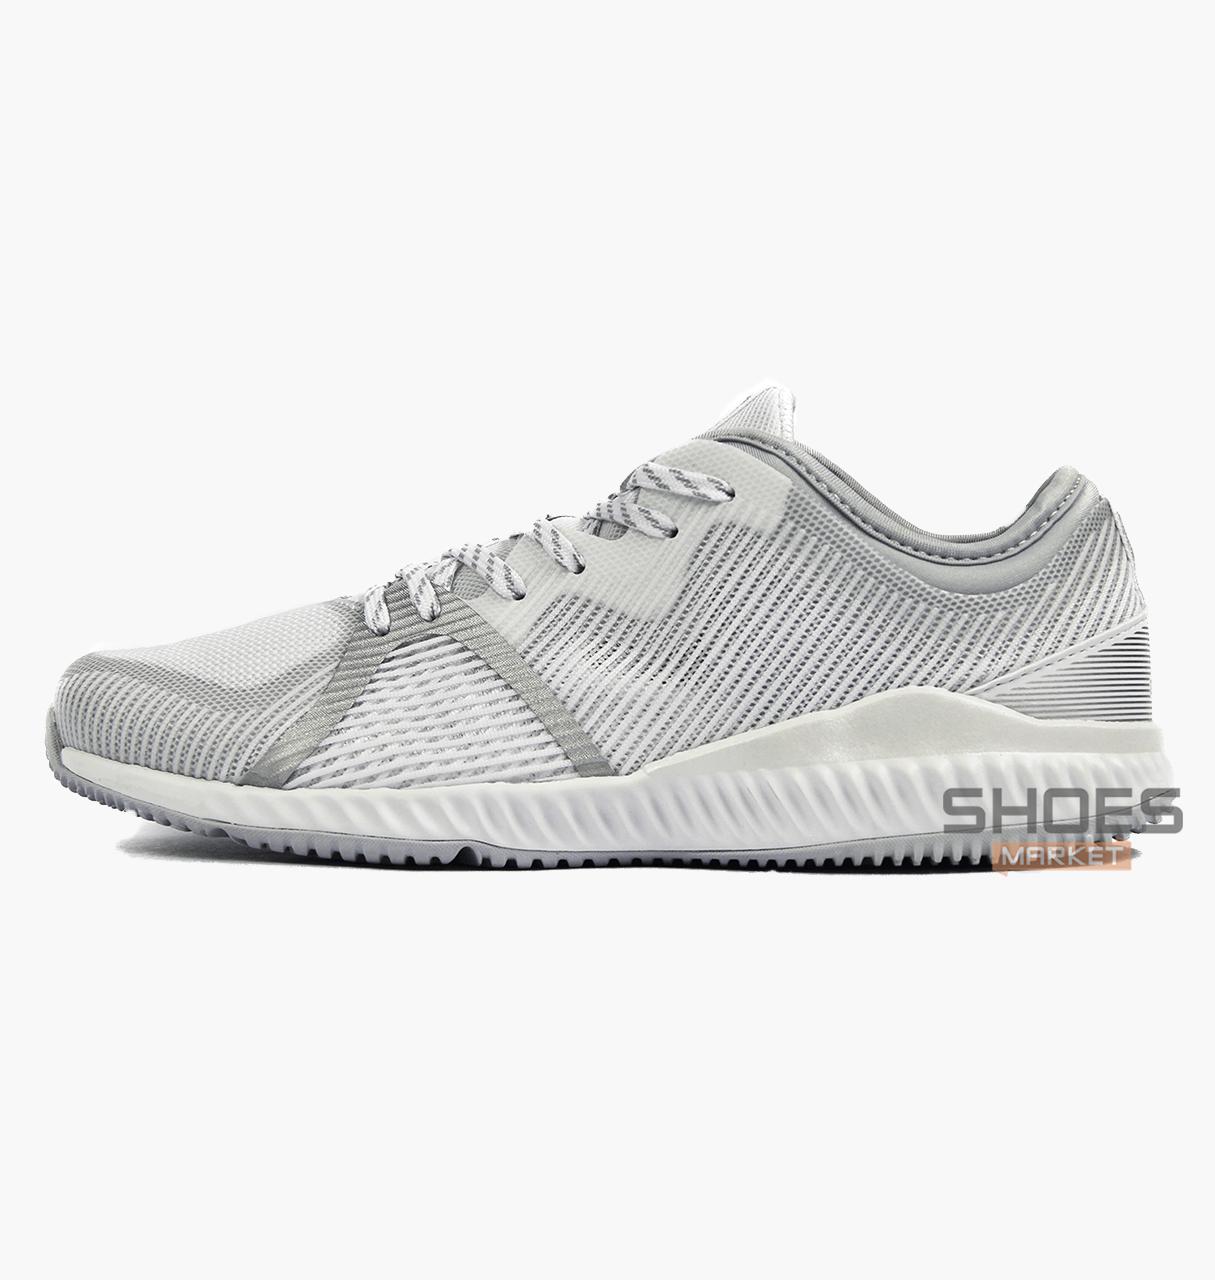 Женские кроссовки  Adidas CrazyTrain Bounce W Gray BB1506, оригинал